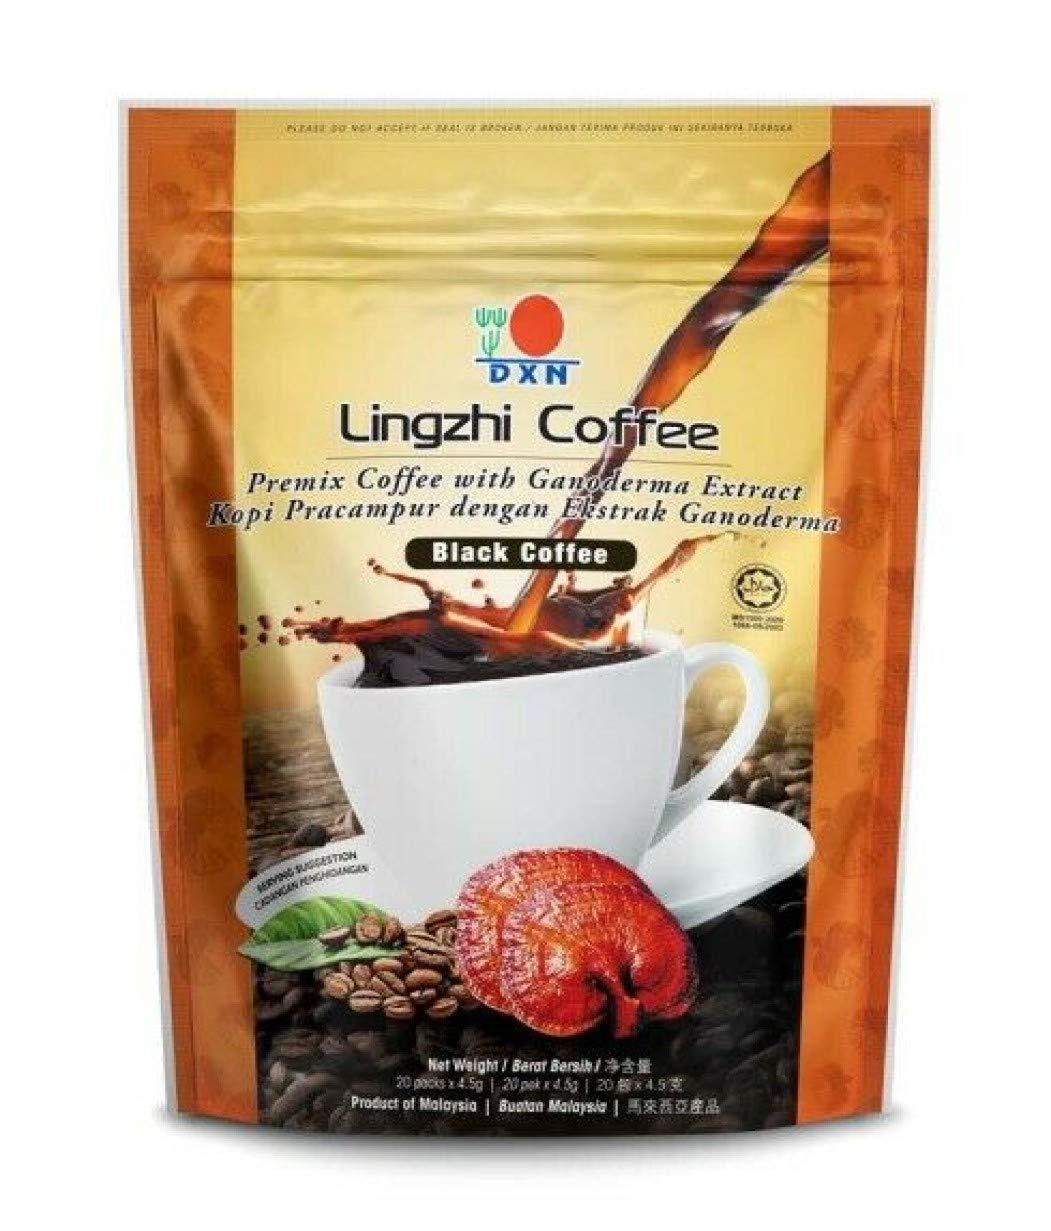 lingzhi coffee ayuda a bajar de peso